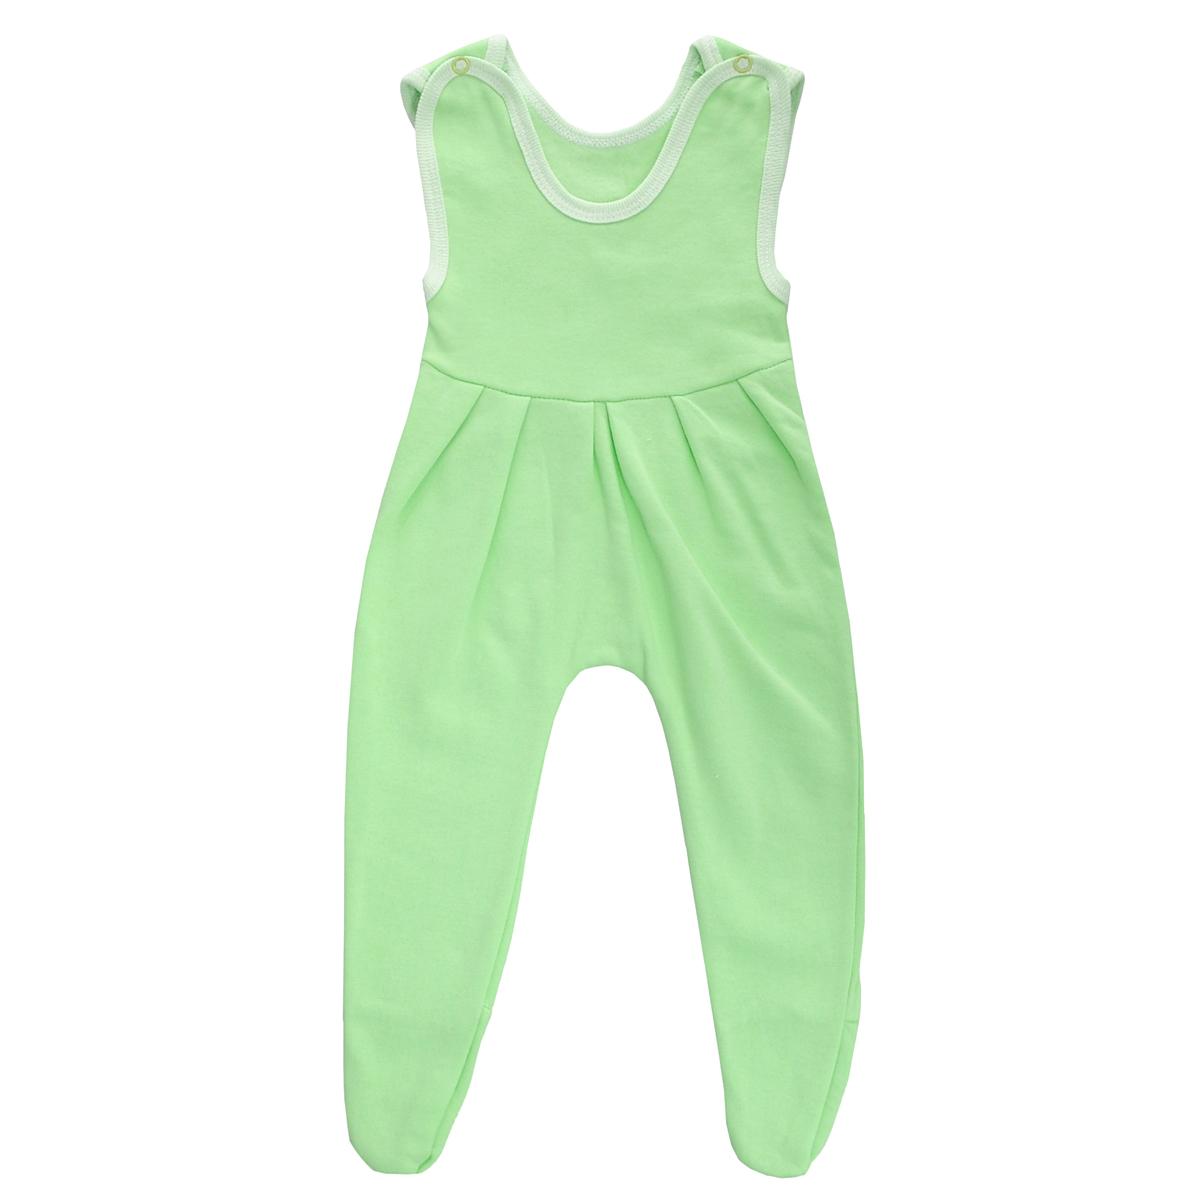 Ползунки с грудкой Трон-плюс, цвет: салатовый. 5221. Размер 80, 12 месяцев5221Ползунки с грудкой Трон-плюс - очень удобный и практичный вид одежды для малышей. Ползунки выполнены из футера - натурального хлопка, благодаря чему они необычайно мягкие, тепленькие и приятные на ощупь, не раздражают нежную кожу ребенка и хорошо вентилируются, а эластичные швы приятны телу младенца и не препятствуют его движениям. Ползунки с закрытыми ножками, застегивающиеся сверху на две кнопочки, идеально подойдут вашему ребенку, обеспечивая ему наибольший комфорт, подходят для ношения с подгузником и без него. От линии груди заложены складочки, придающие изделию оригинальность.Ползунки с грудкой полностью соответствуют особенностям жизни младенца в ранний период, не стесняя и не ограничивая его в движениях!